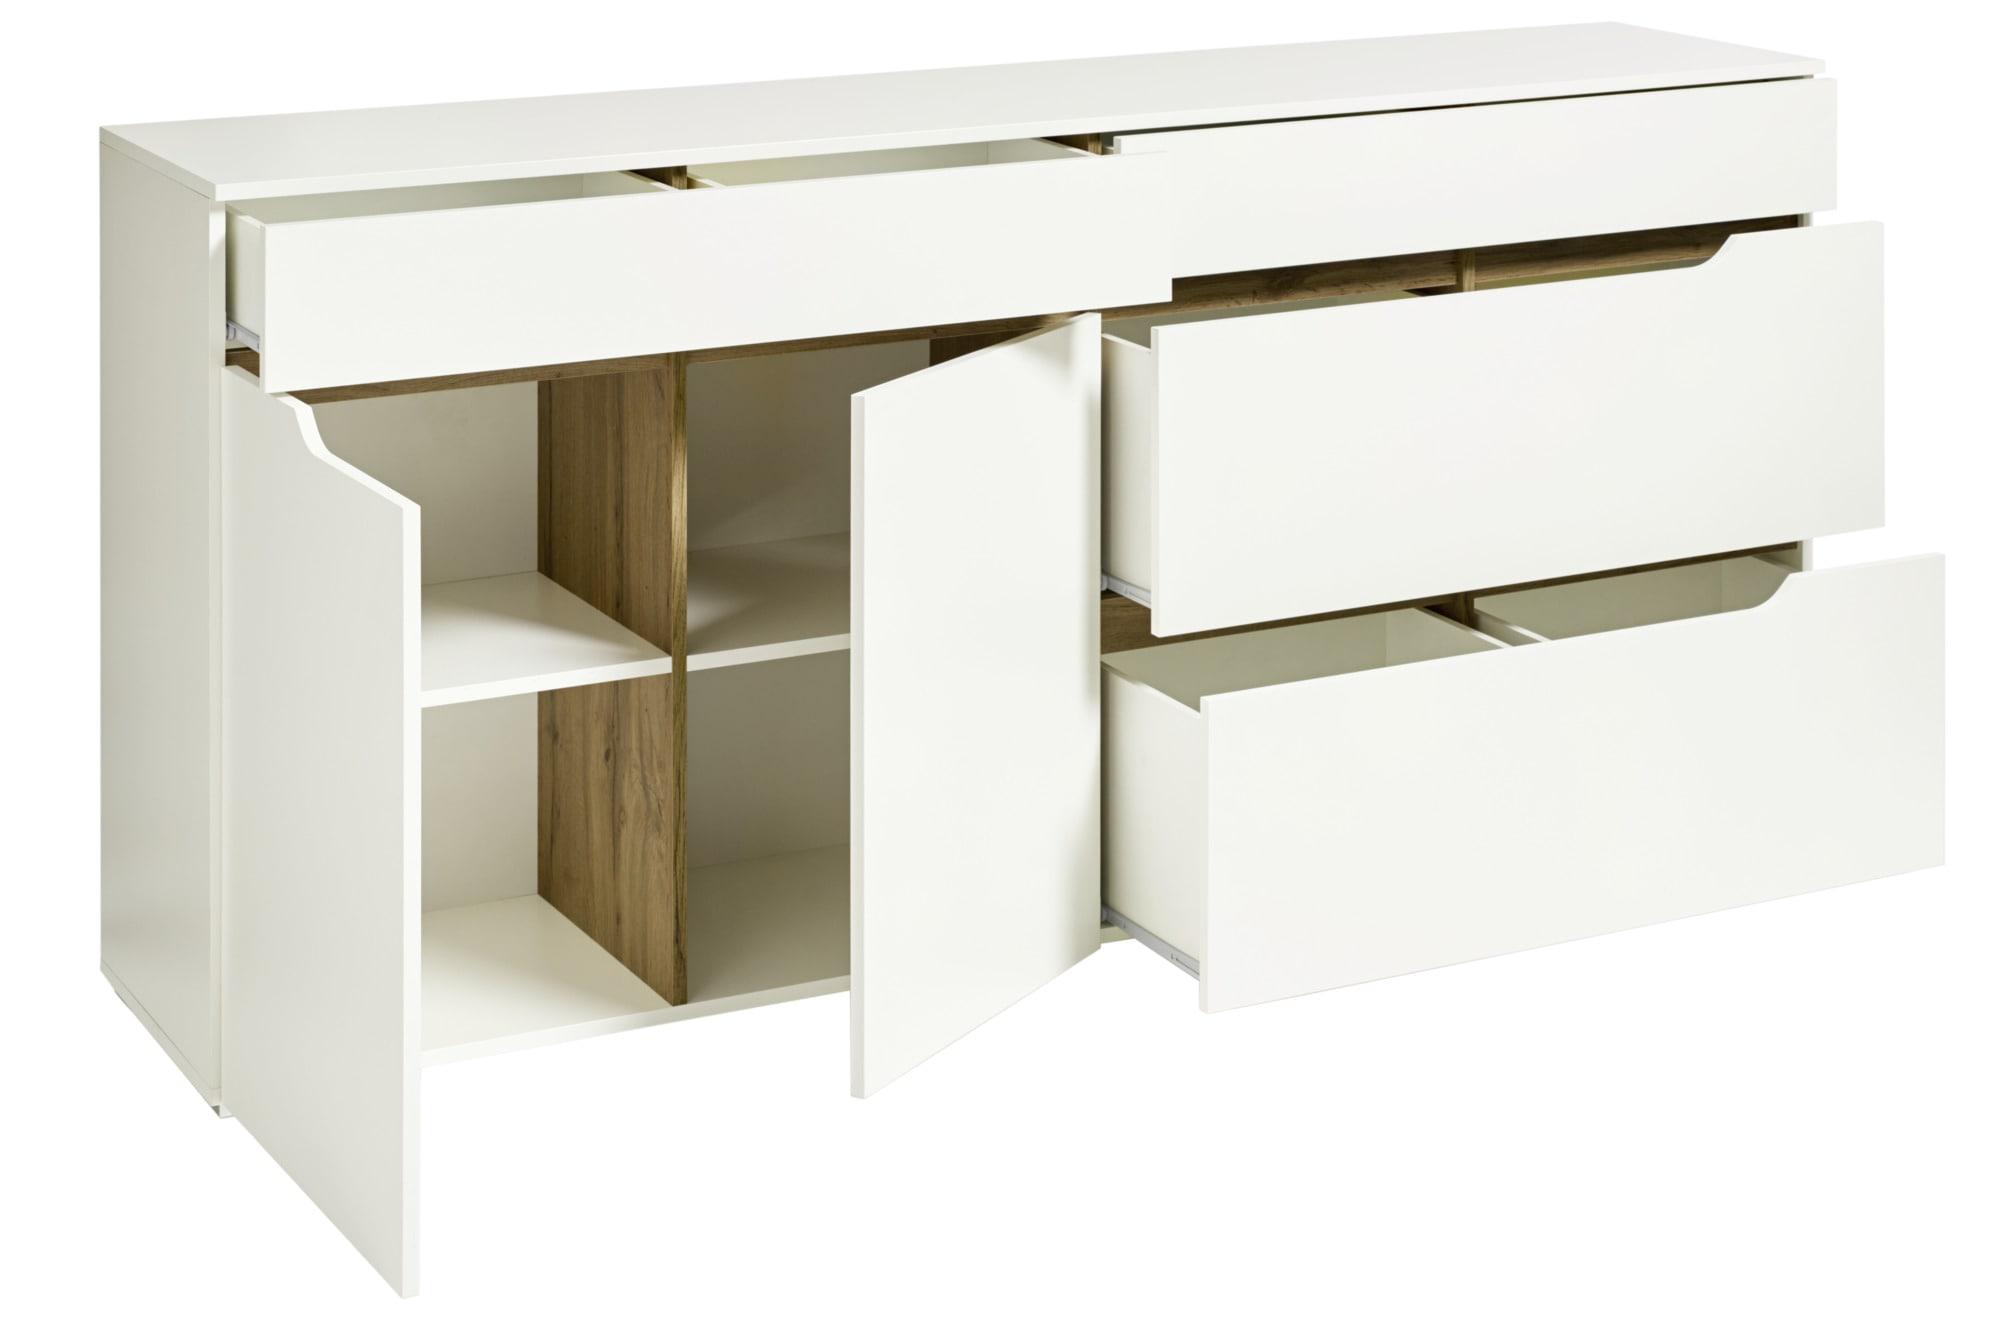 heine home Sideboard mit Blende in Eicheoptik | 04814917437981